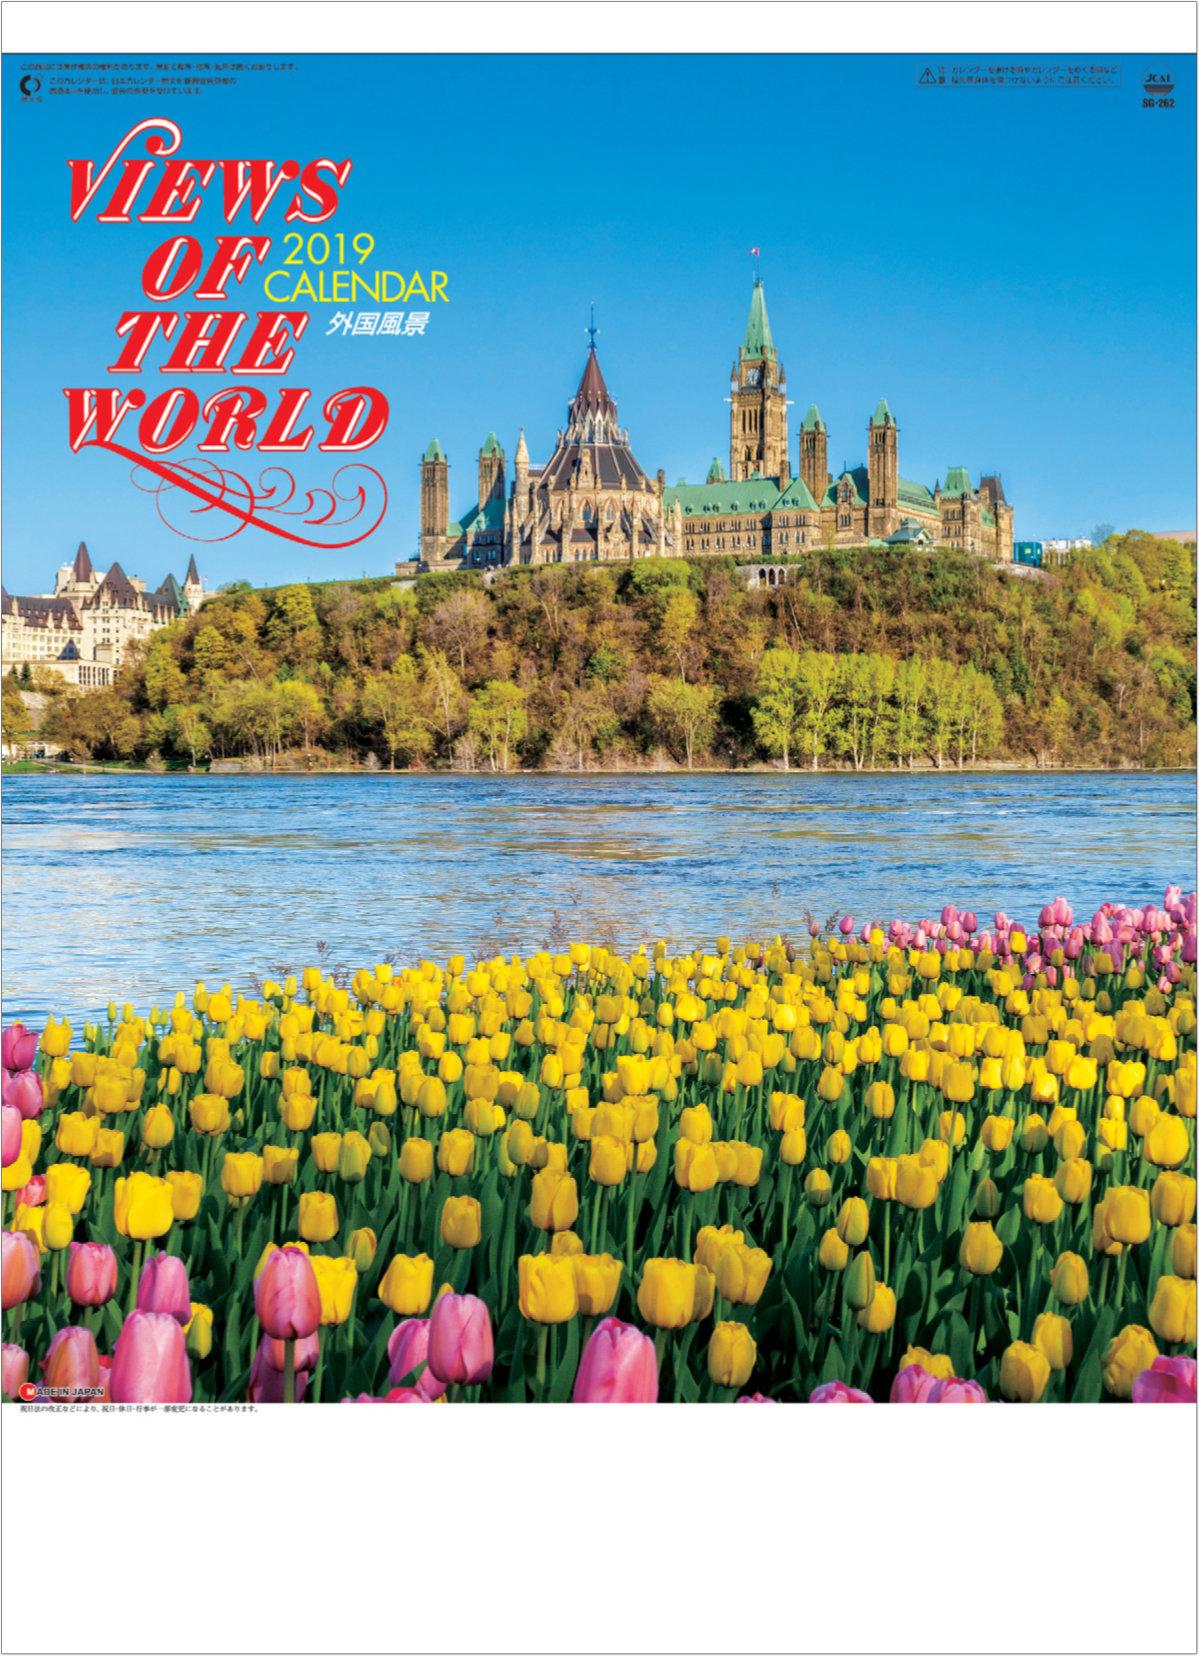 表紙 外国風景 2019年カレンダーの画像